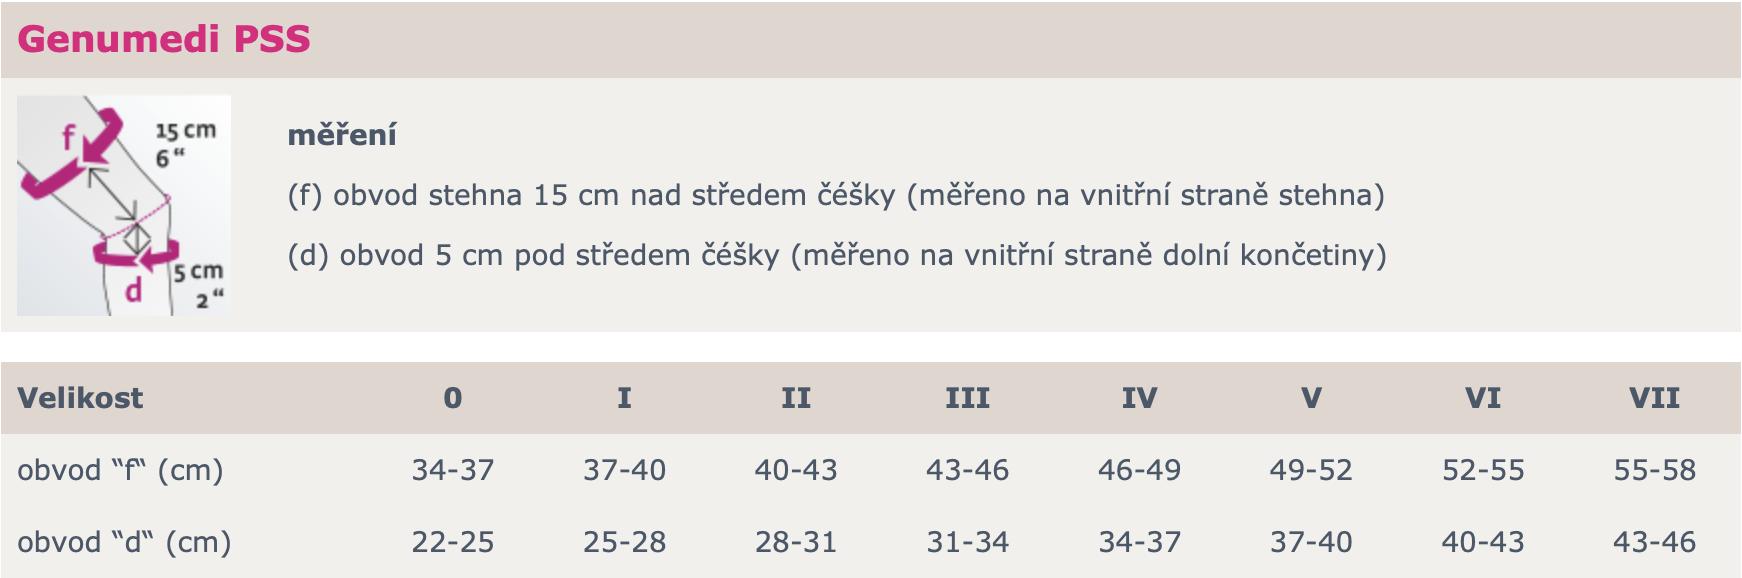 GENUMEDI_PSS_tabulka